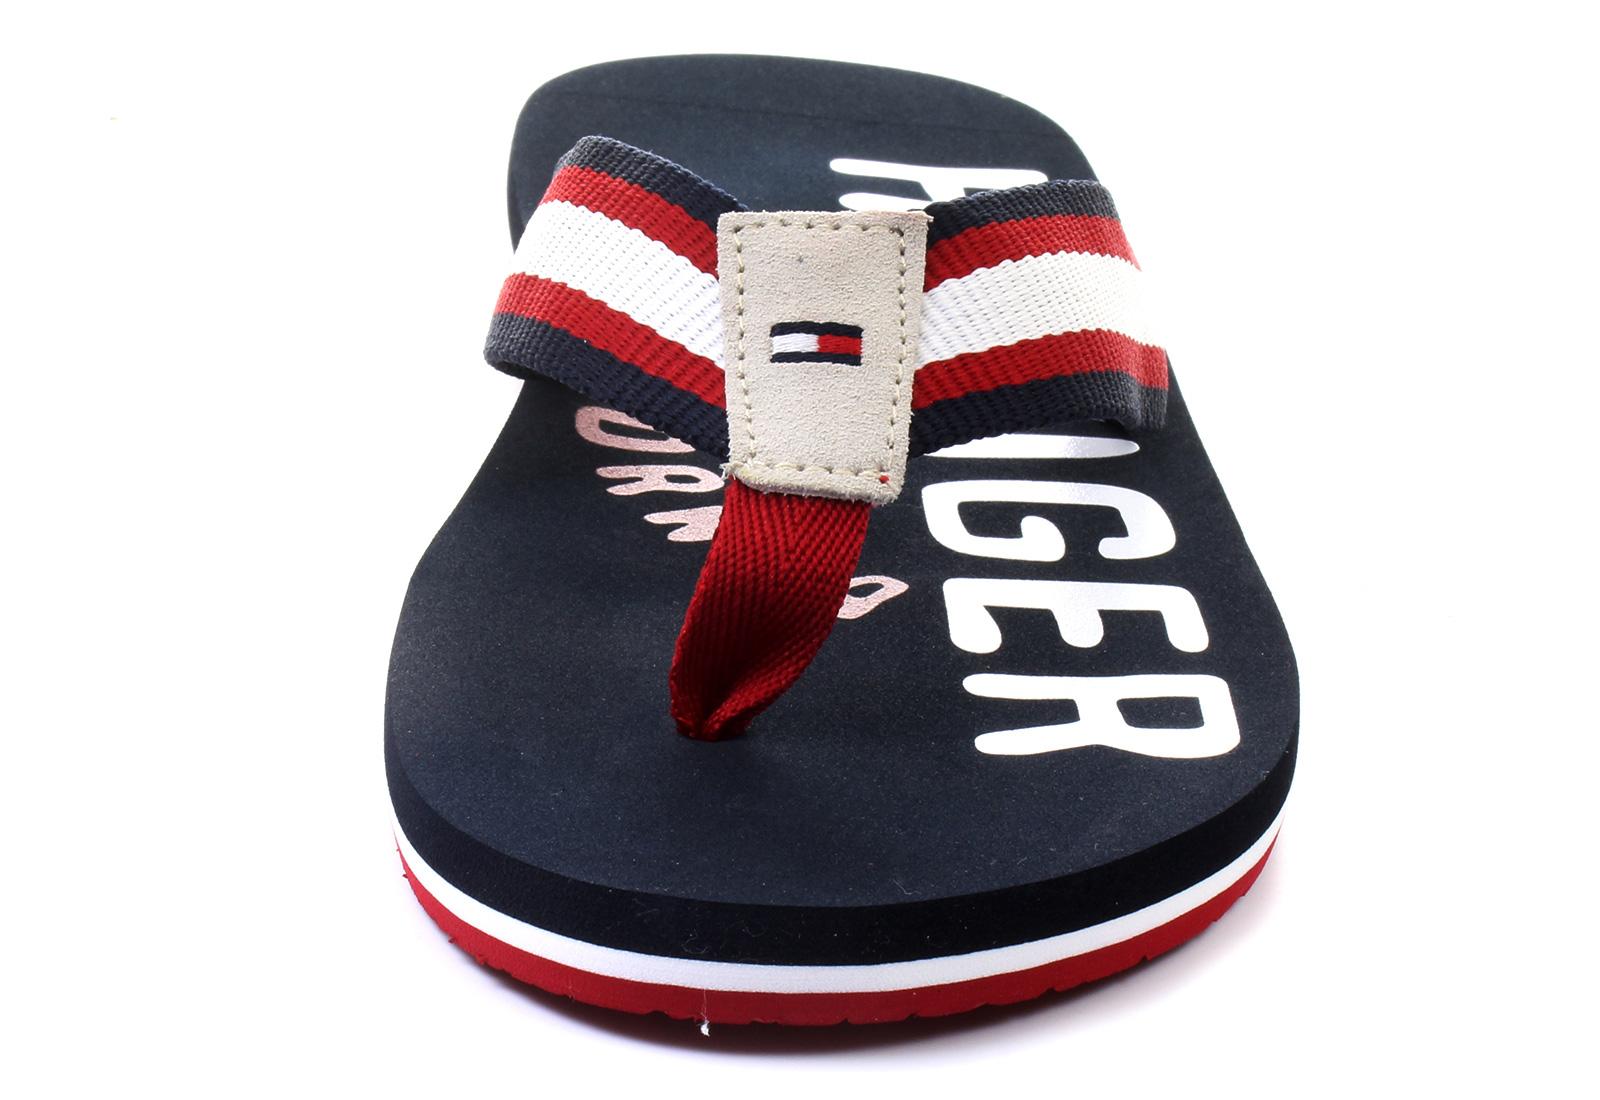 Tommy Hilfiger Papucs - Bay 11d - 14S-6909-403 - Office Shoes ... de6ee0f473